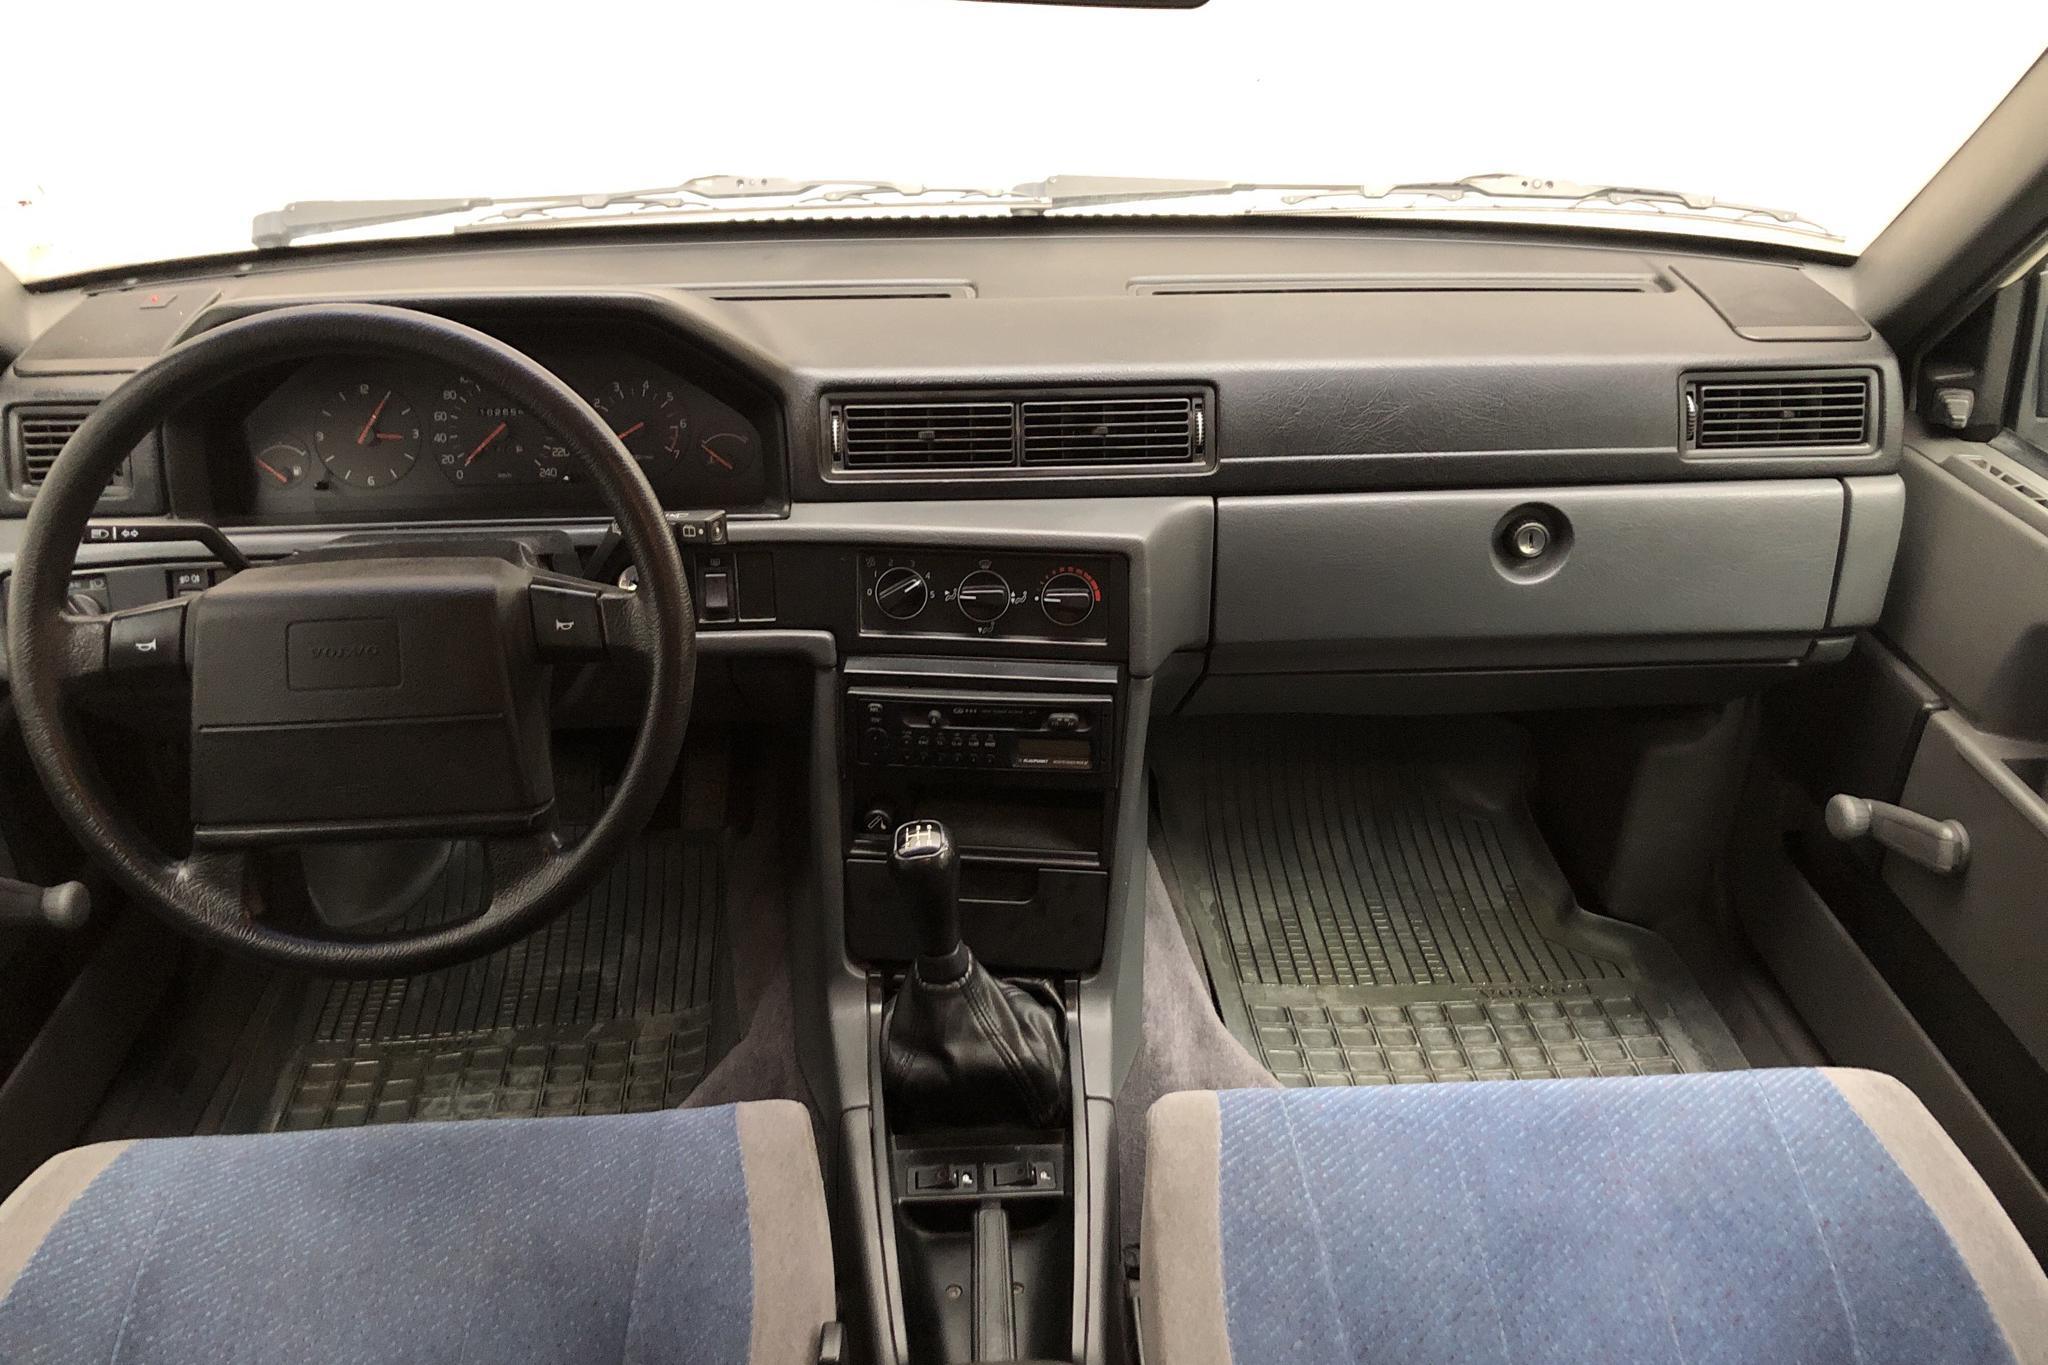 Volvo 945 2.3 (135hk) - 10 265 mil - Manuell - vit - 1996